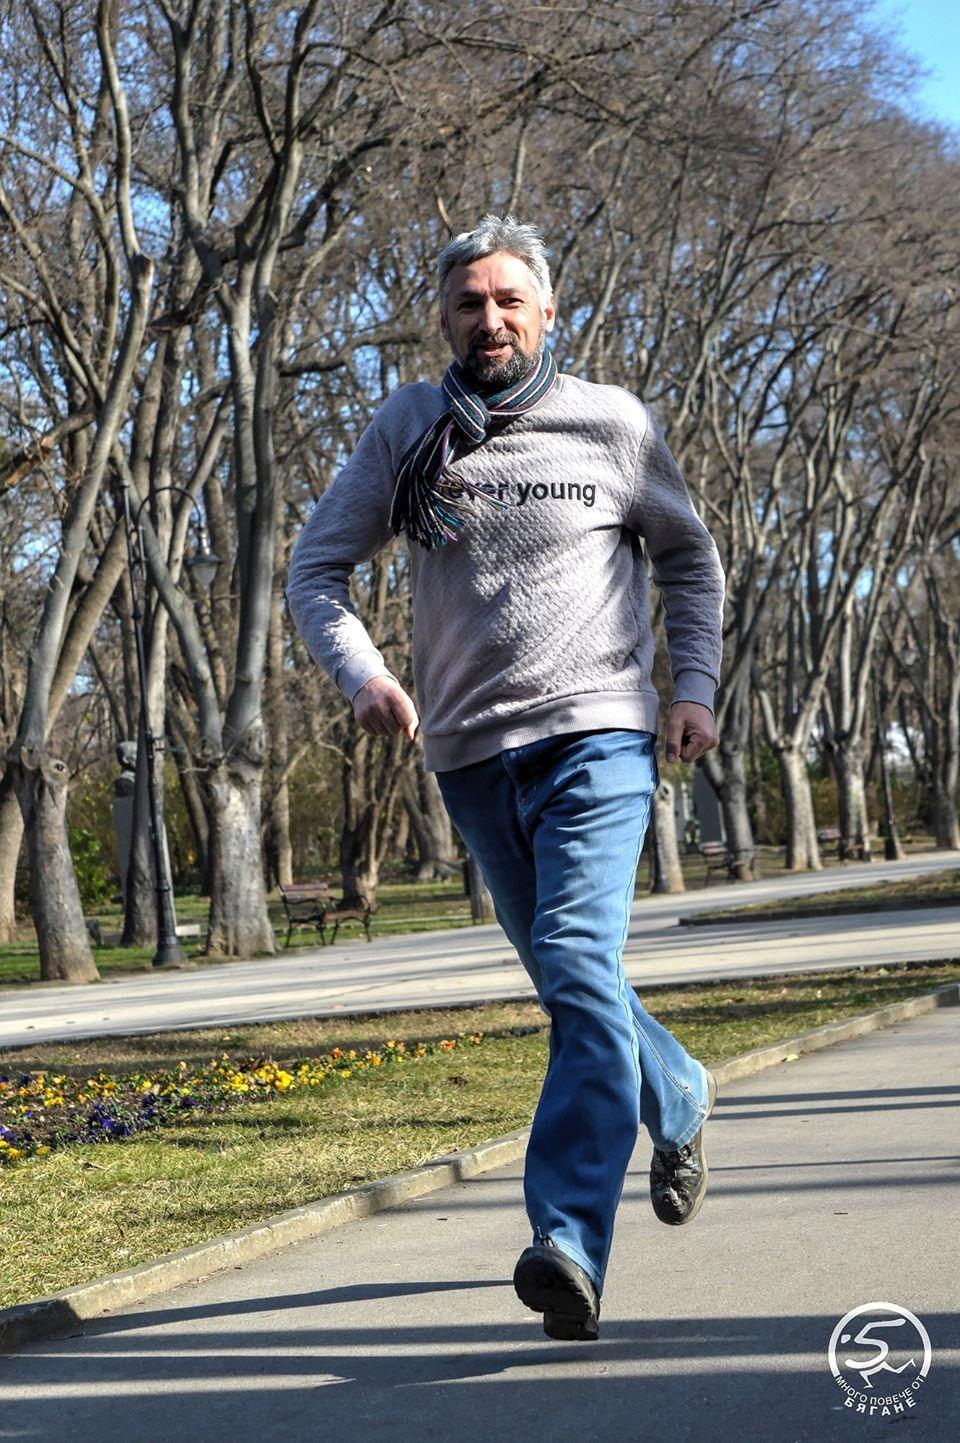 Toni Valchev